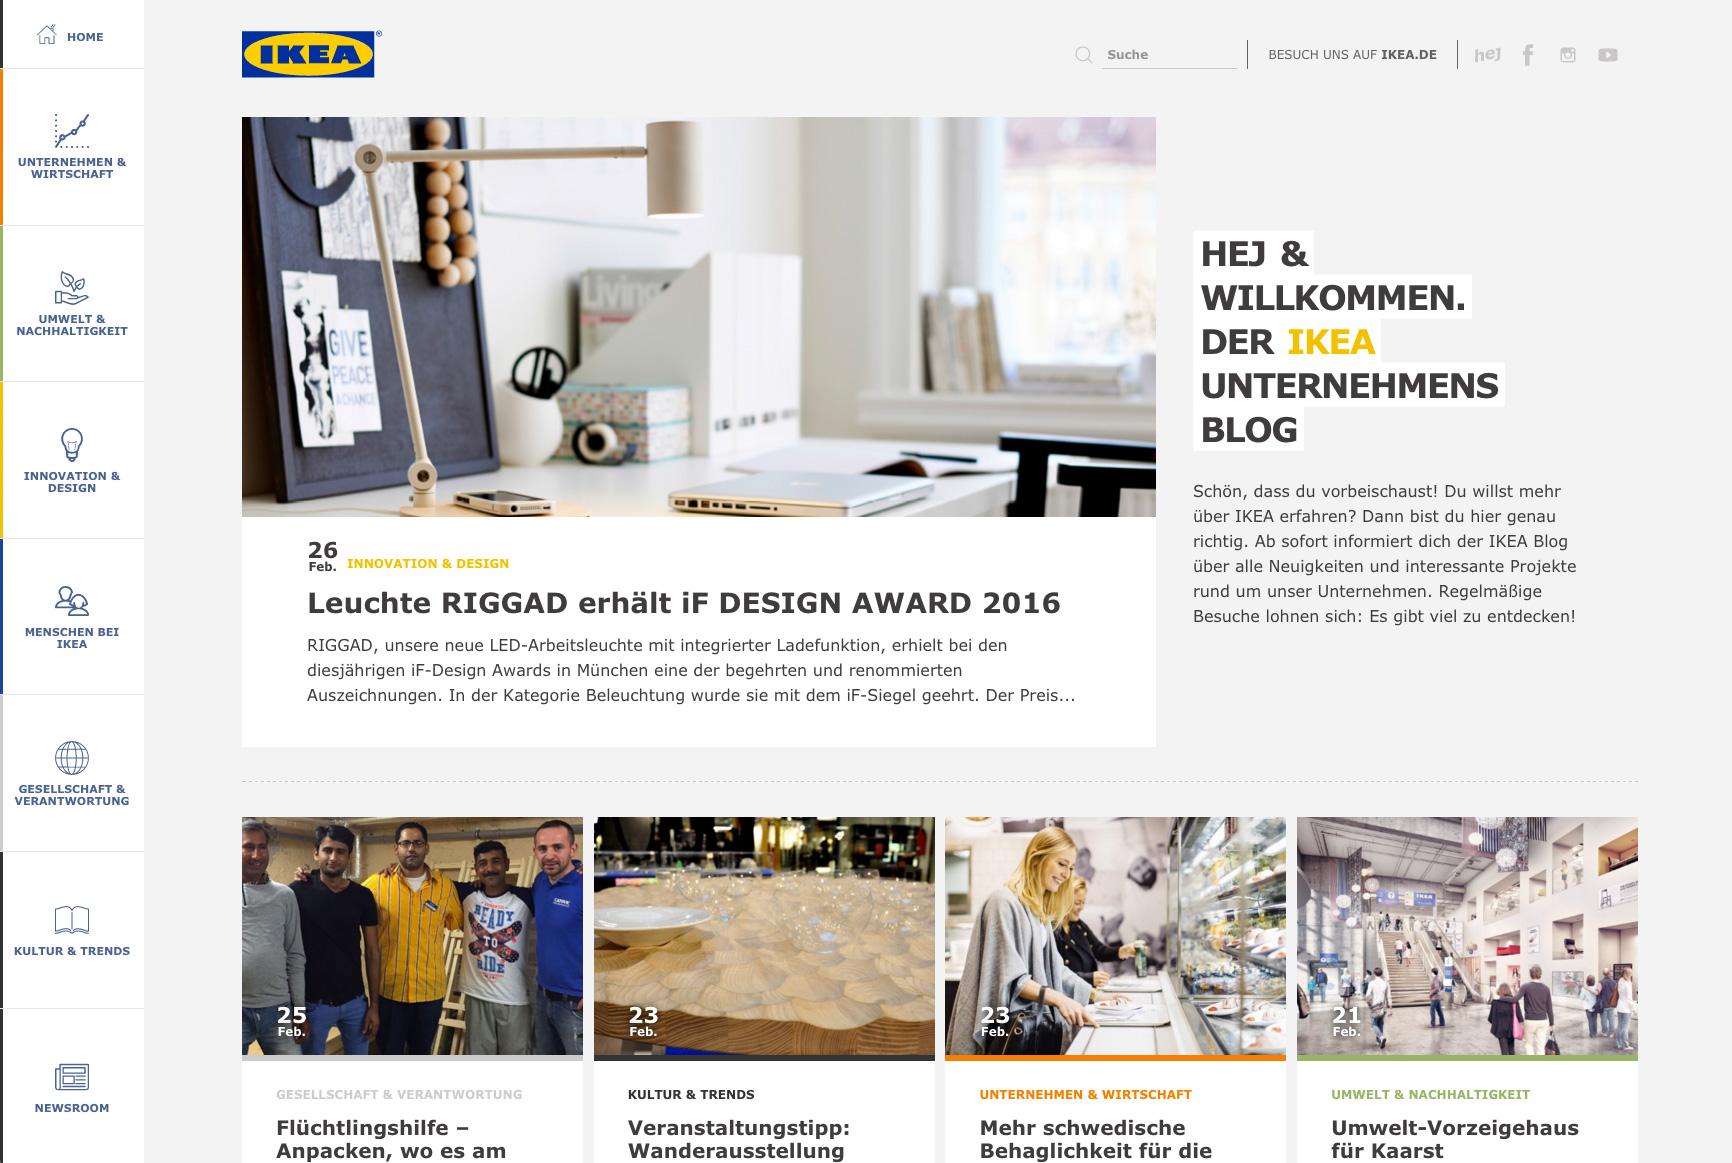 ikea deutschland startet unternehmensblog pressemitteilung ikea deutschland gmbh co kg. Black Bedroom Furniture Sets. Home Design Ideas